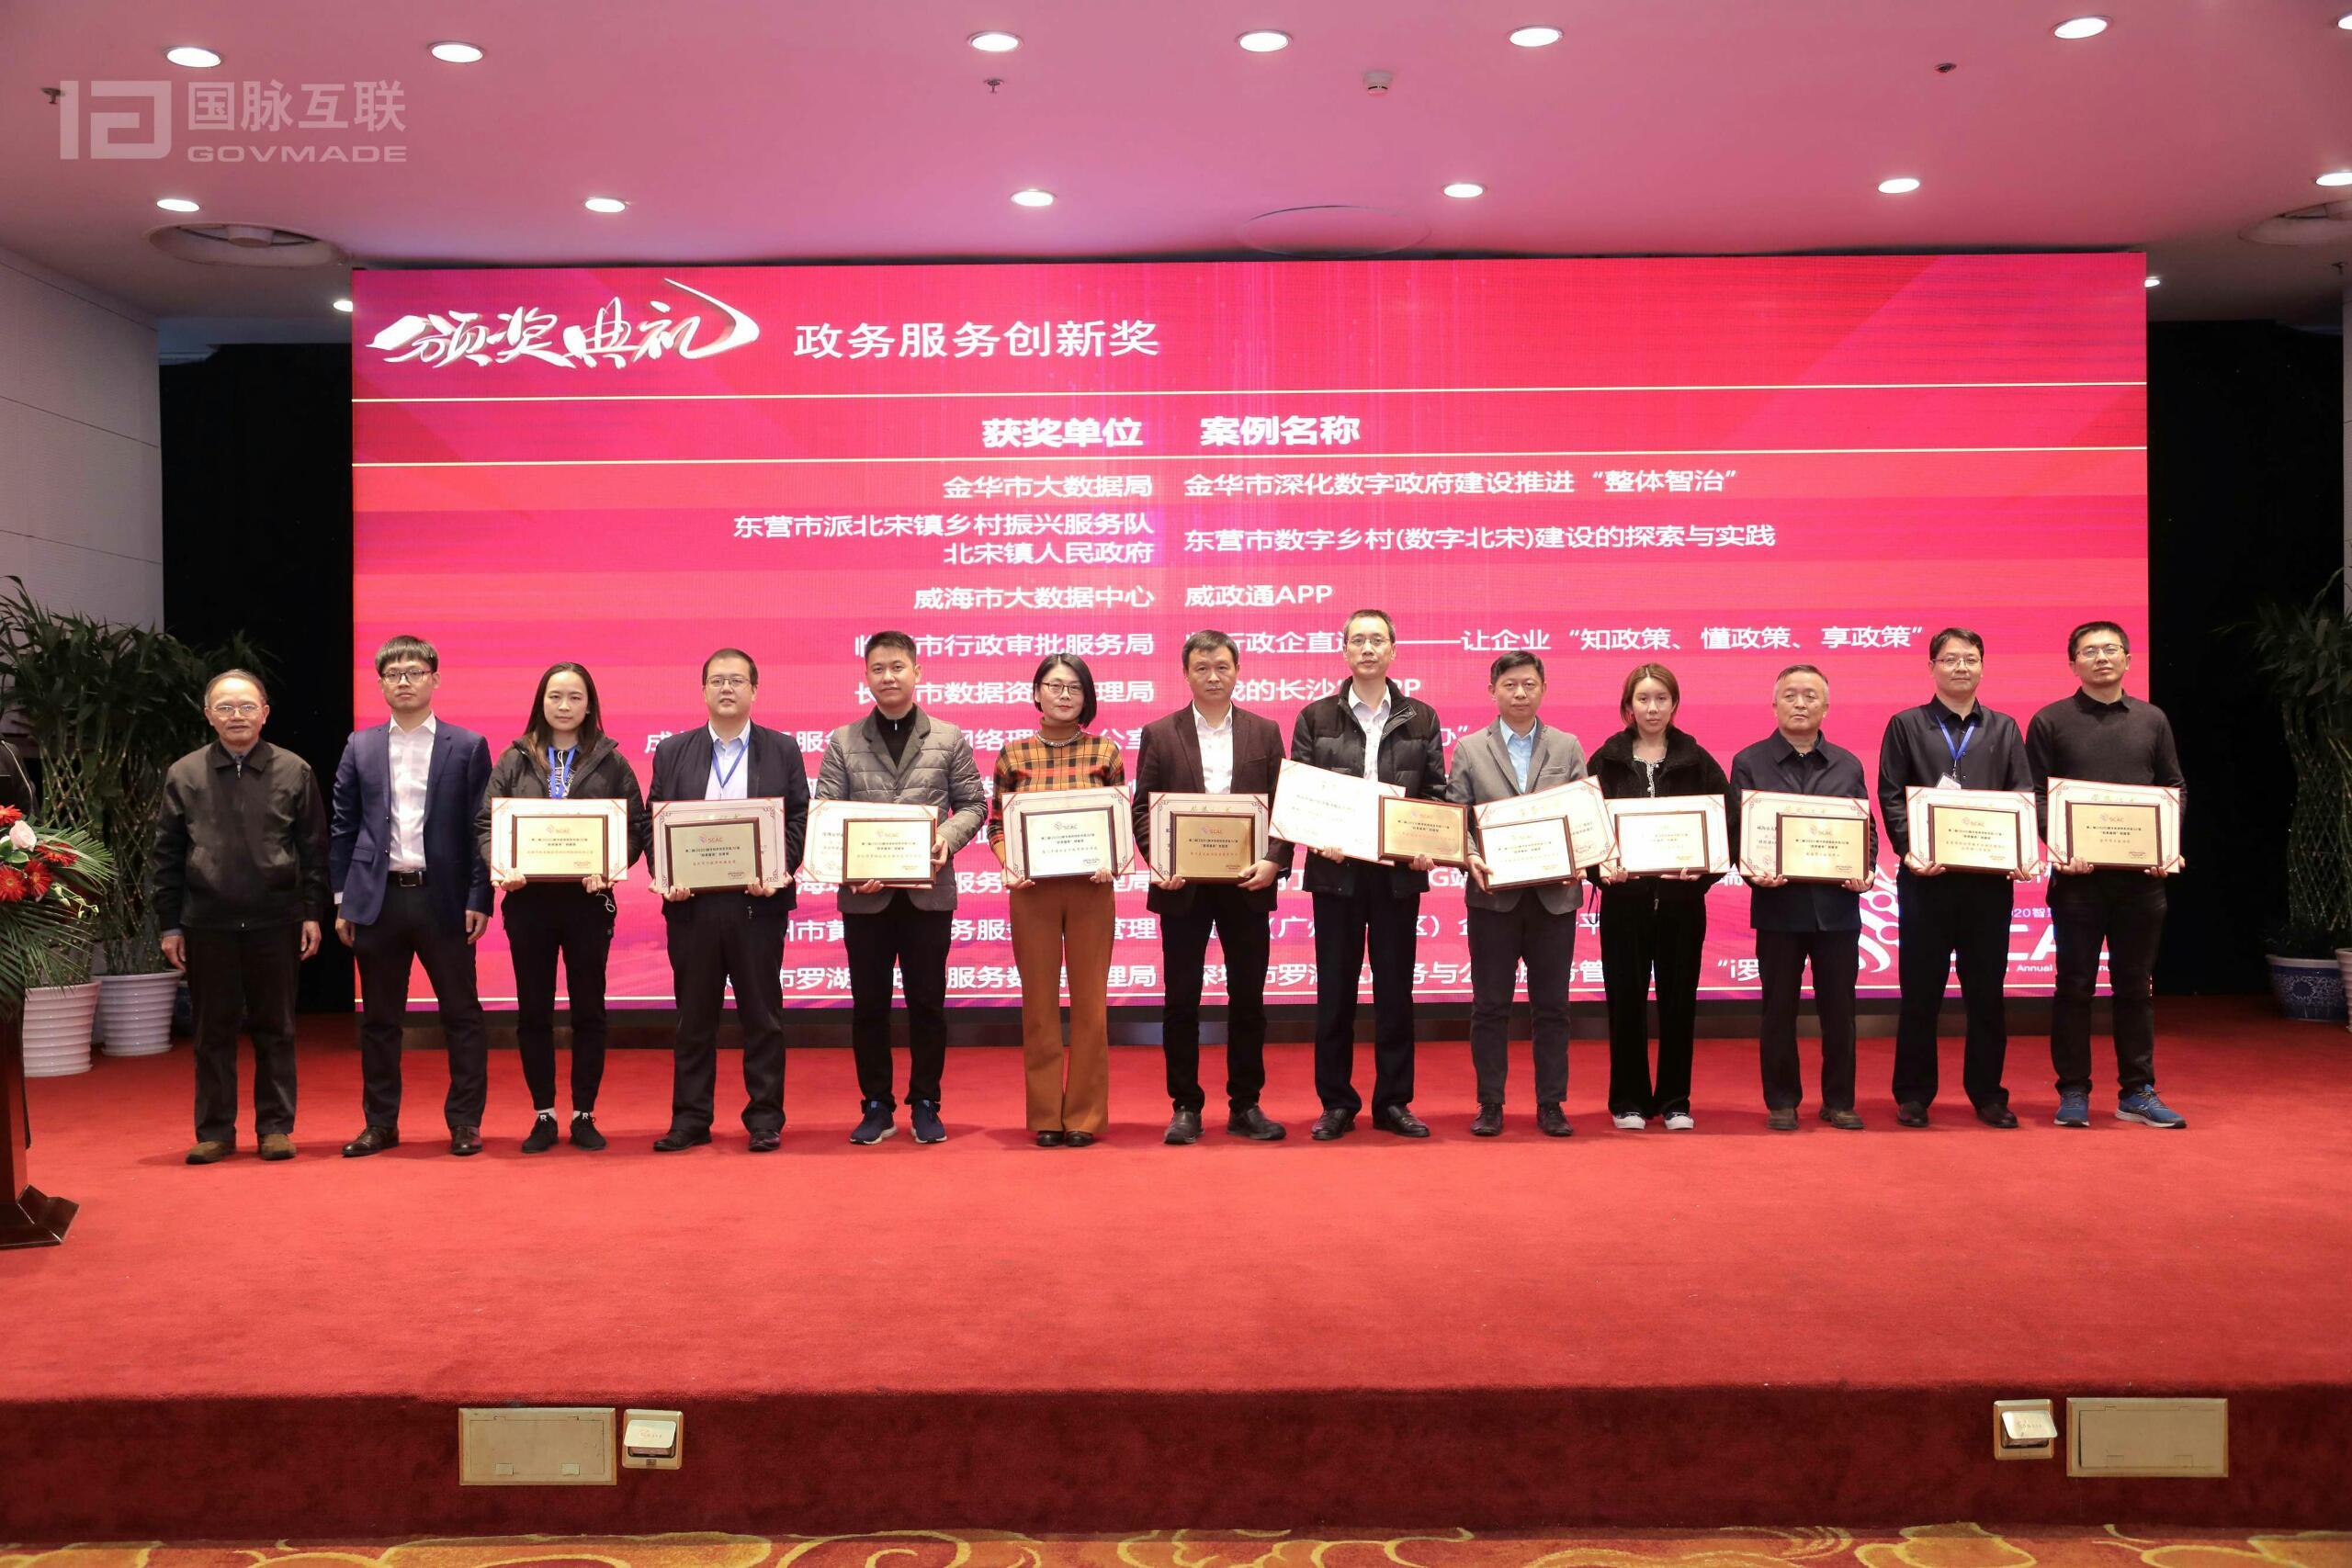 2020中国数字政府特色评选50强榜单出炉完结,16省55个创新案例获奖